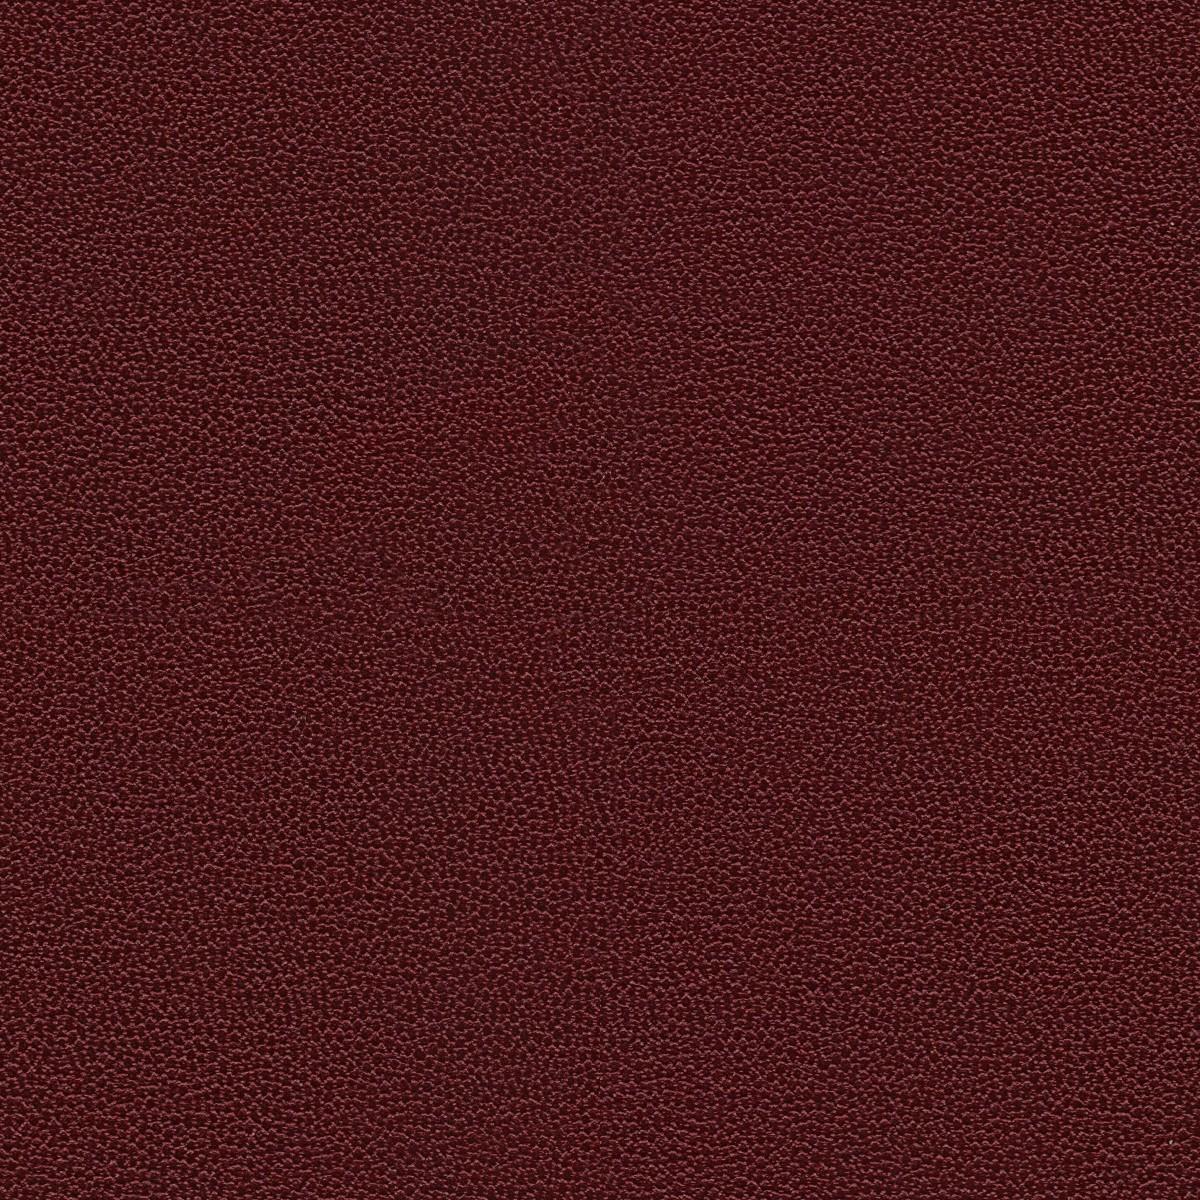 Fotos Gratis Libro Textura Piso Patr 243 N Rojo Marr 243 N